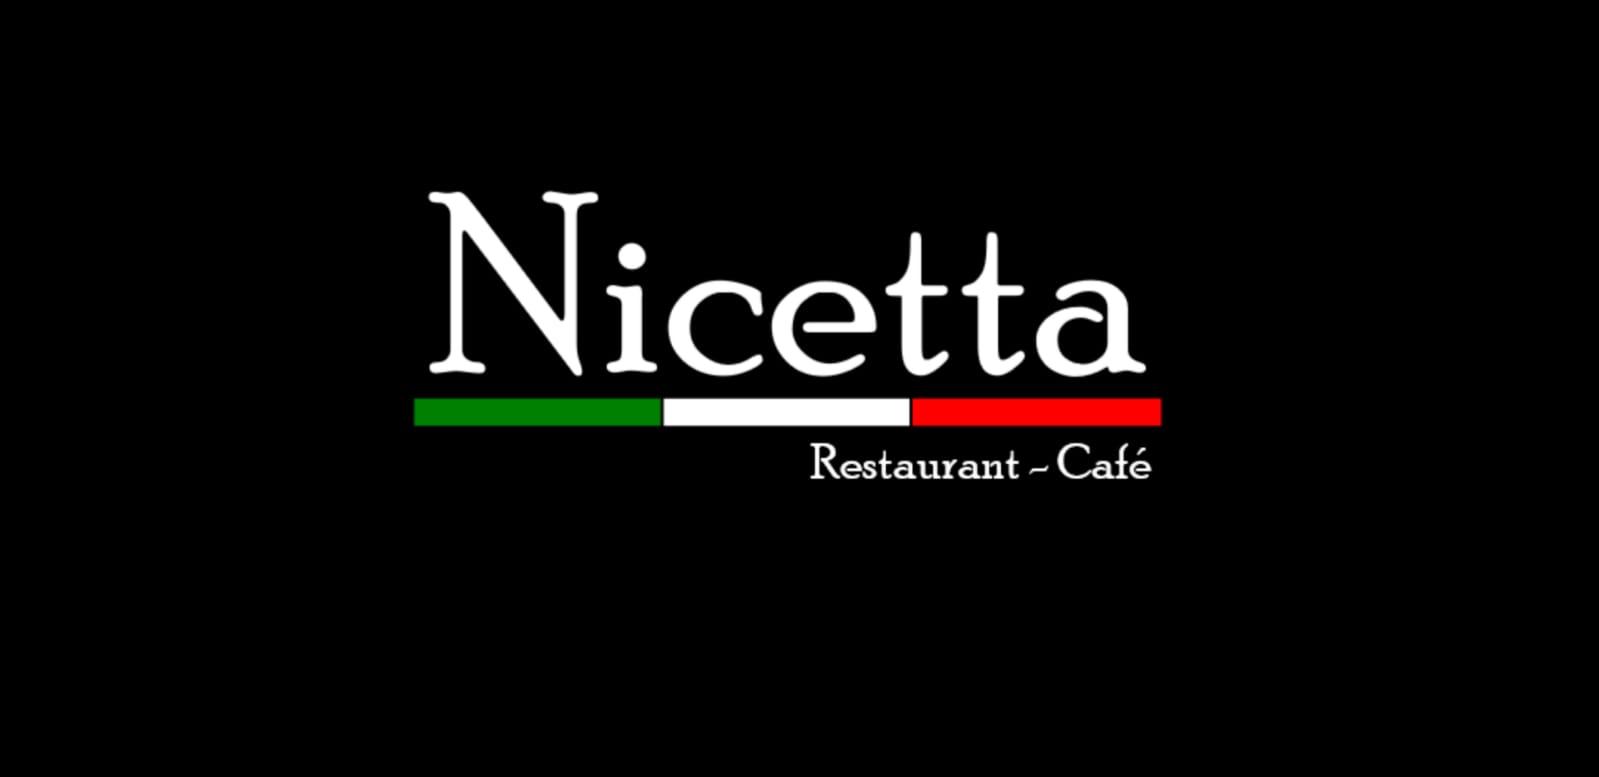 Nicetta